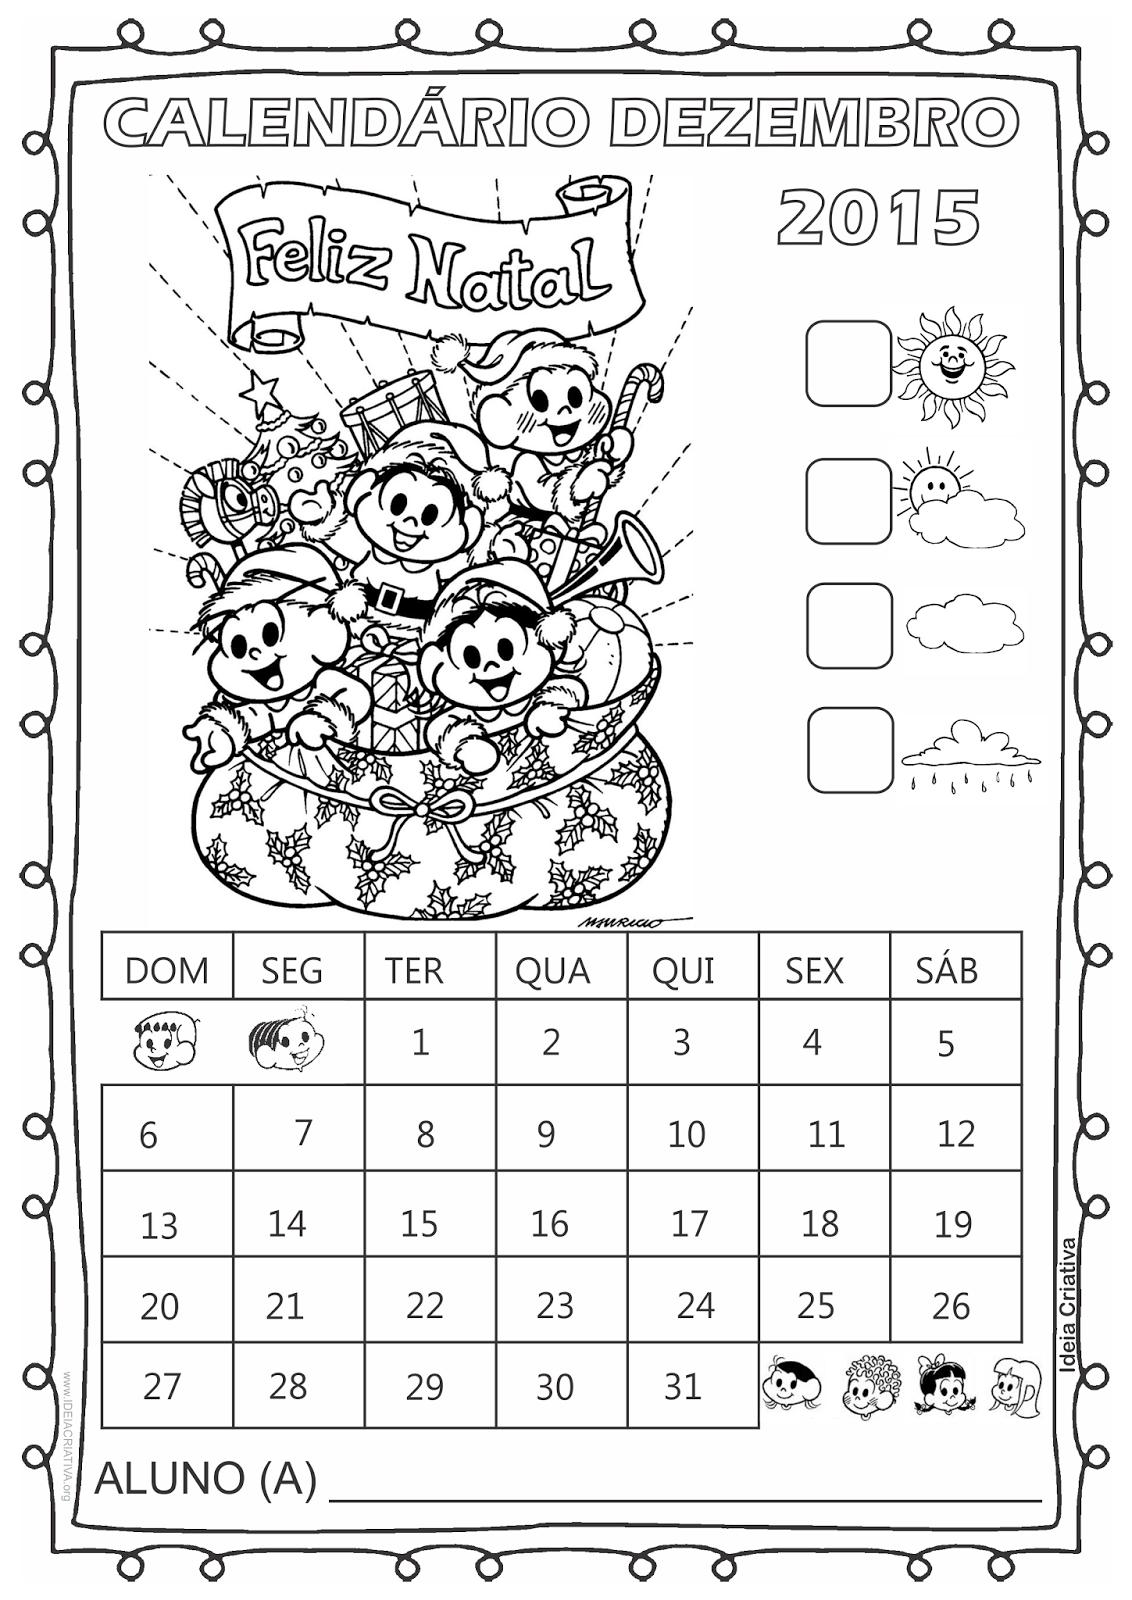 Calendário Turma da Mônica 2015 para Imprimir Grátis Dezembro Natal